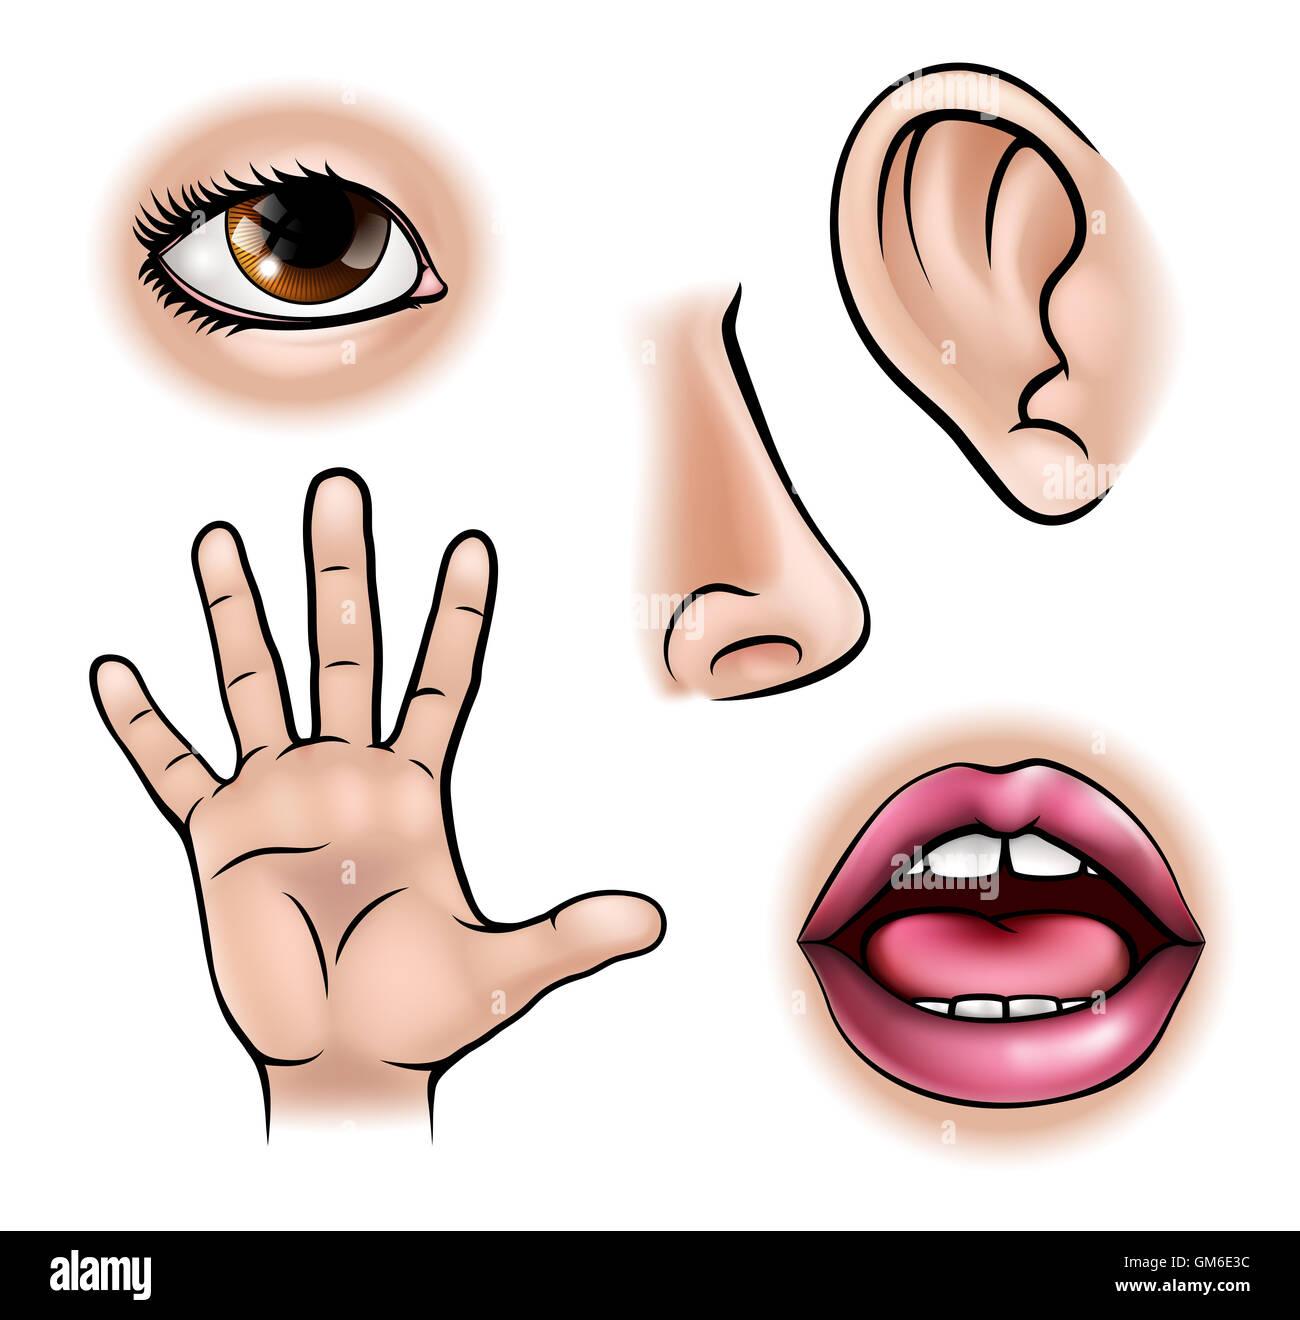 5 Senses Worksheet My Taste